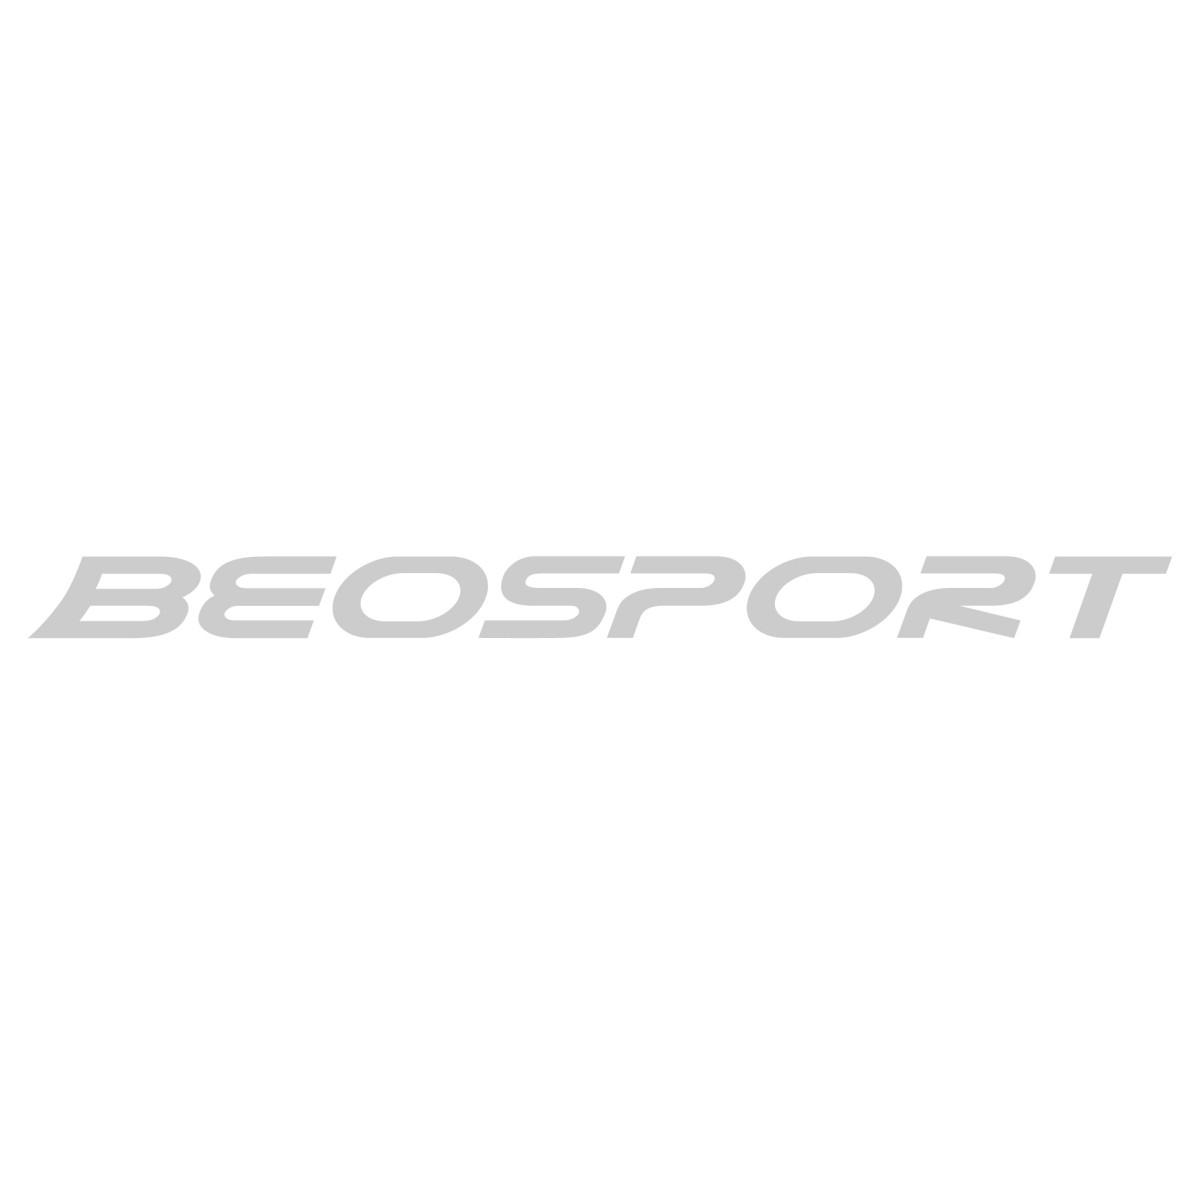 Shred Nastify Hey Pretty naočare